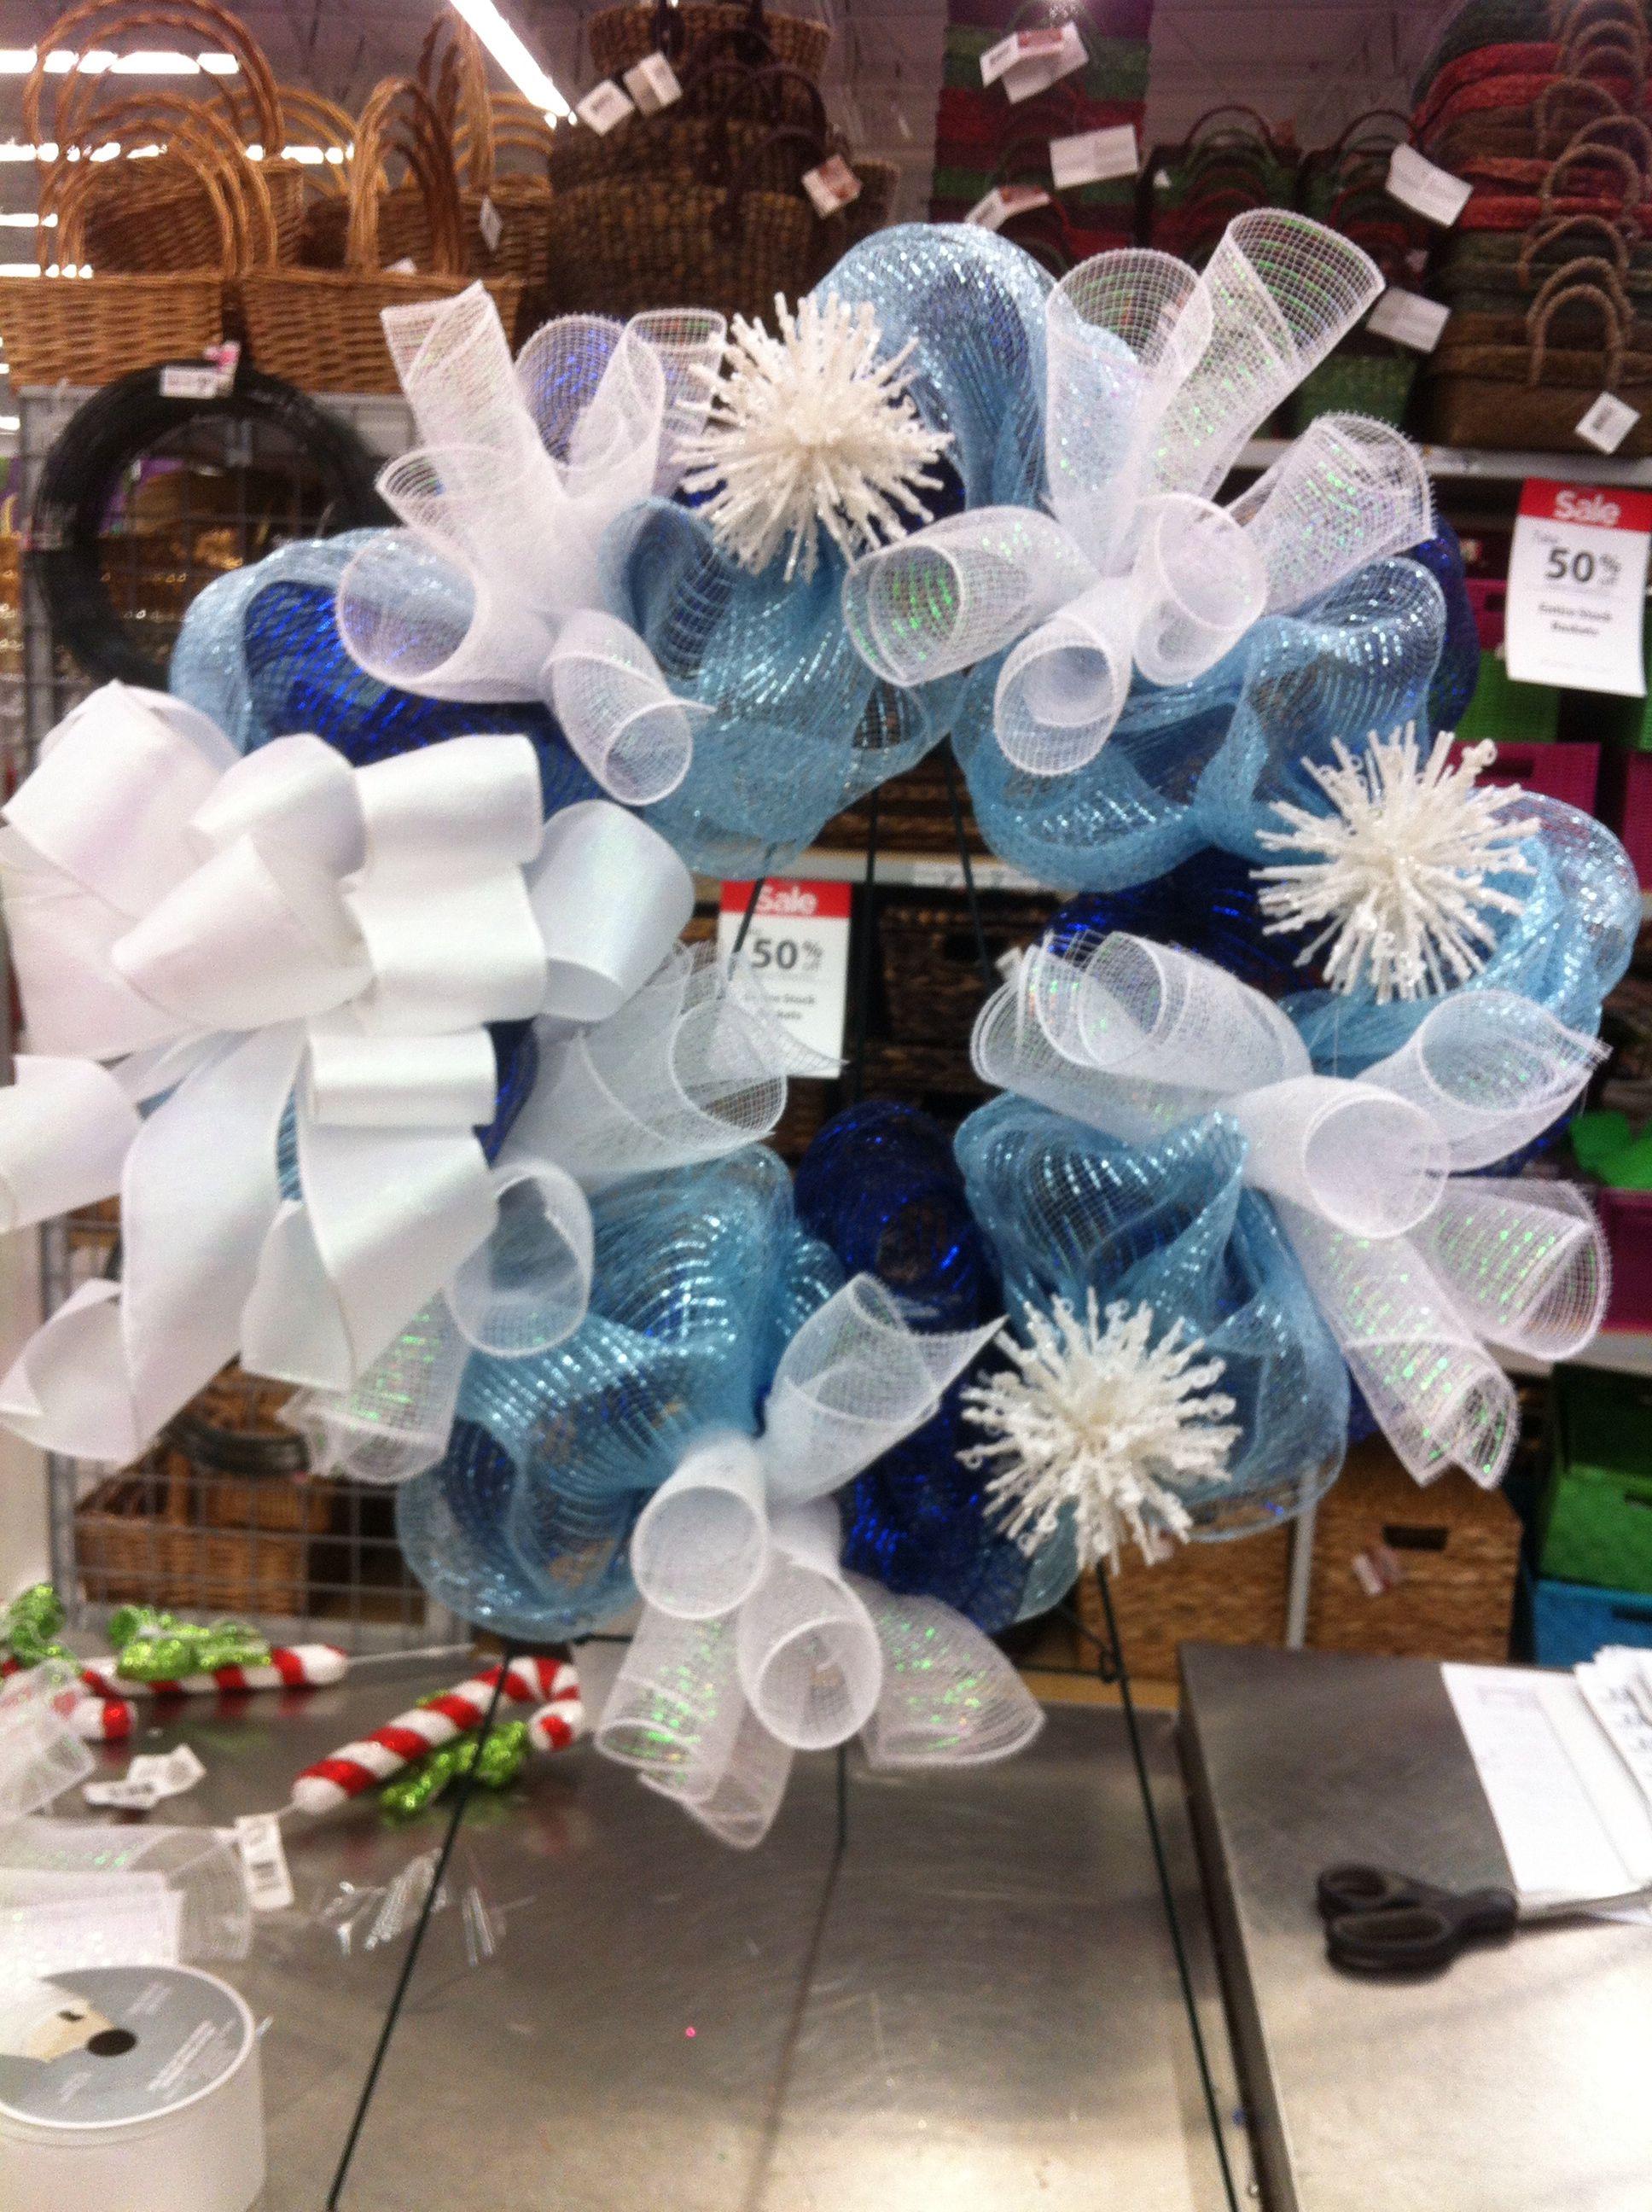 Frosty winter wreath by kristy@michaels